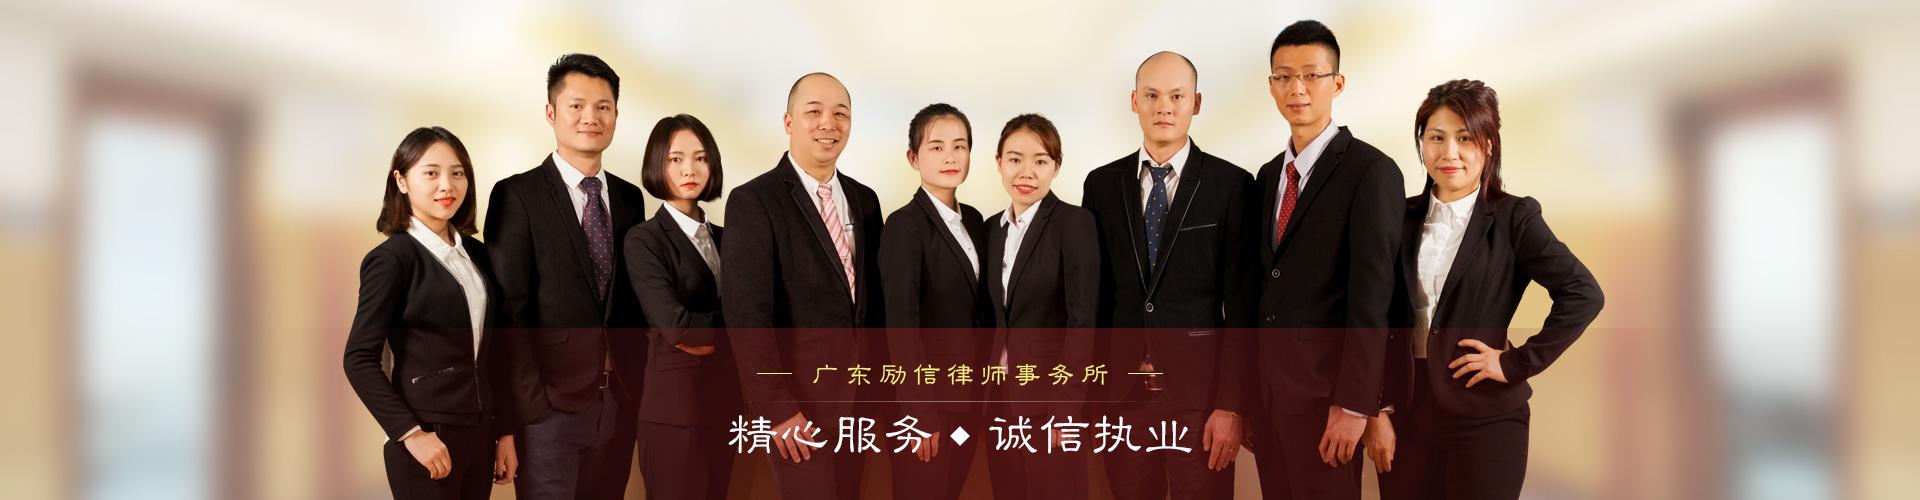 广东励信律师事务所